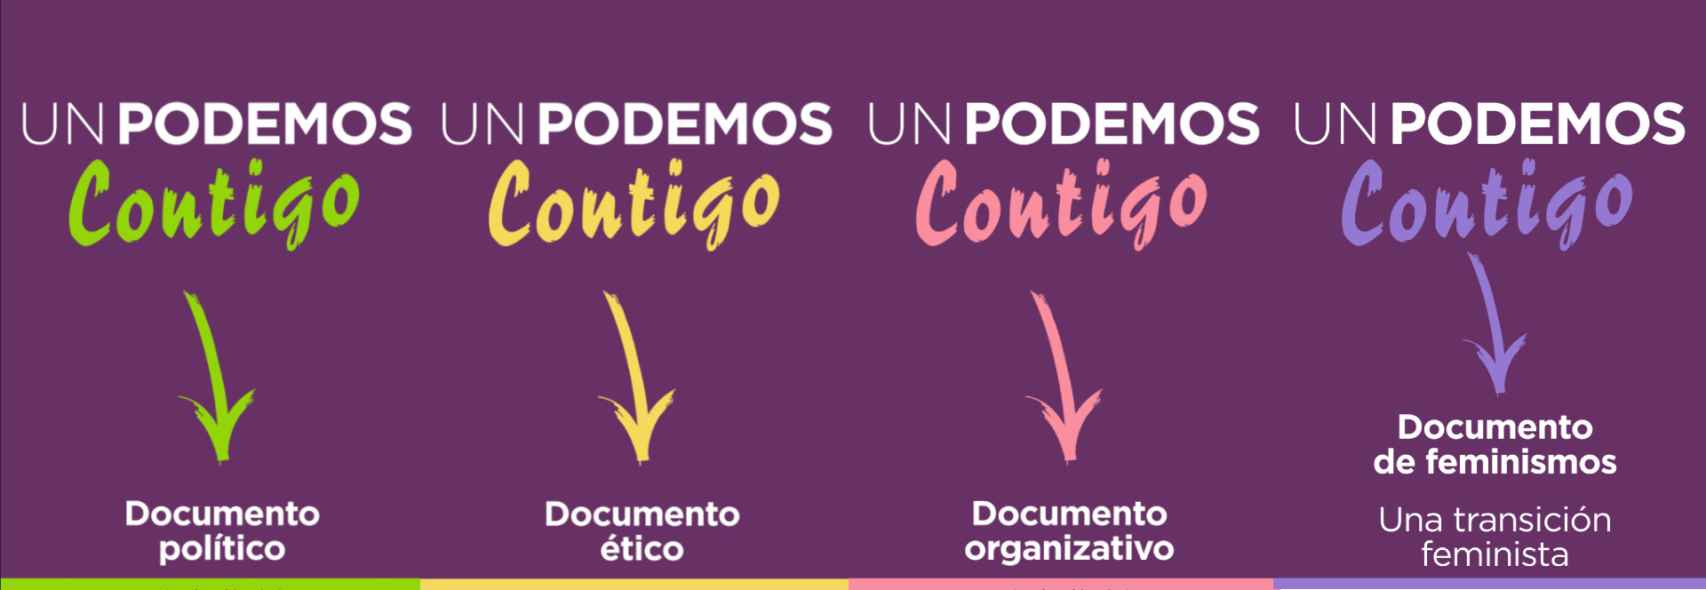 Los cuatro documentos con los que Pablo Iglesias se presenta a al III Asamblea Ciudadana de Podemos.